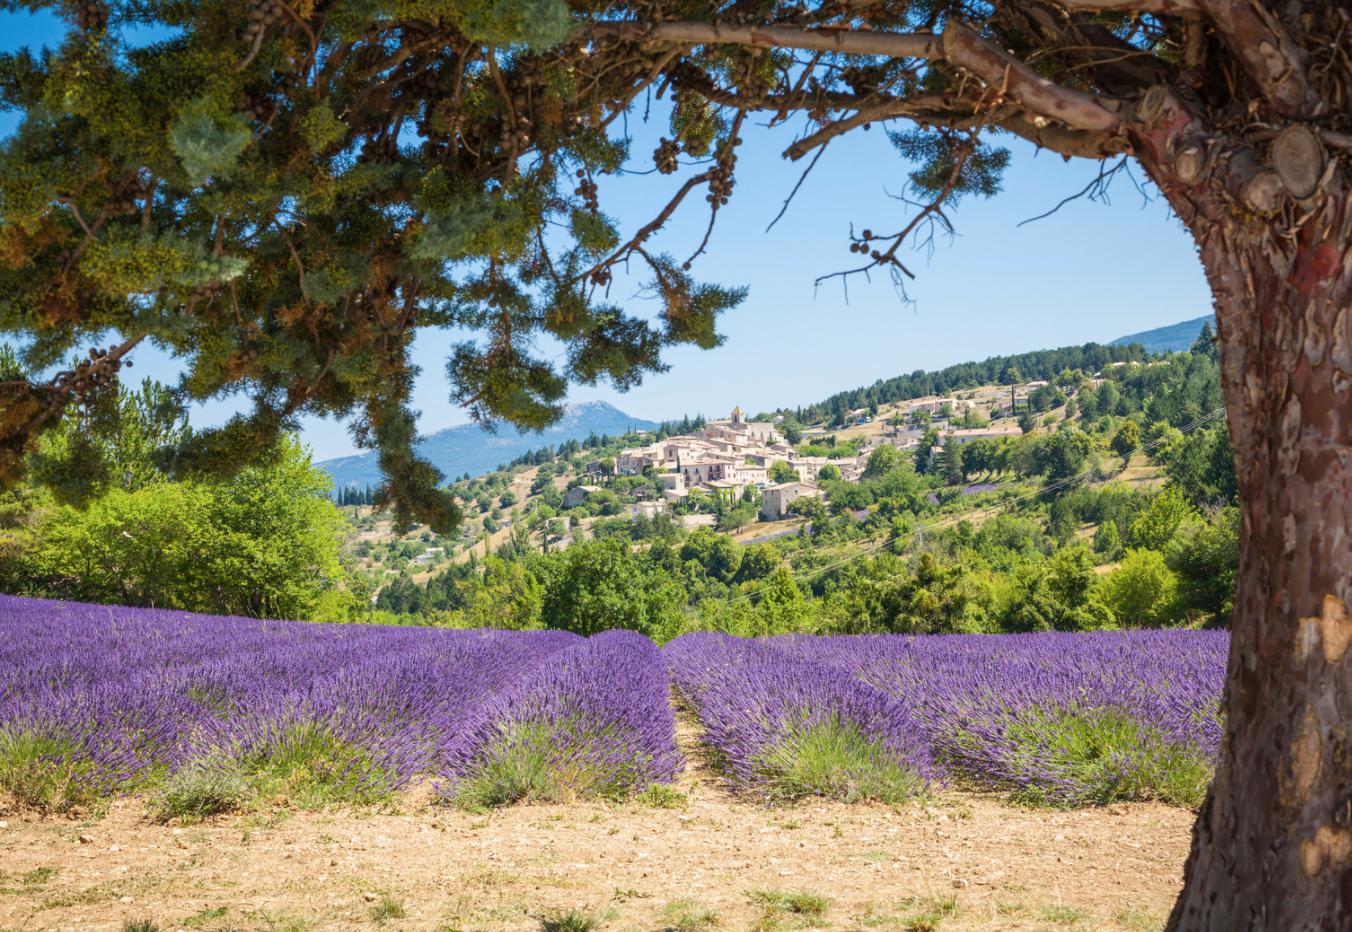 Vakantie in Frankrijk in elk seizoen bij Villa Parcs